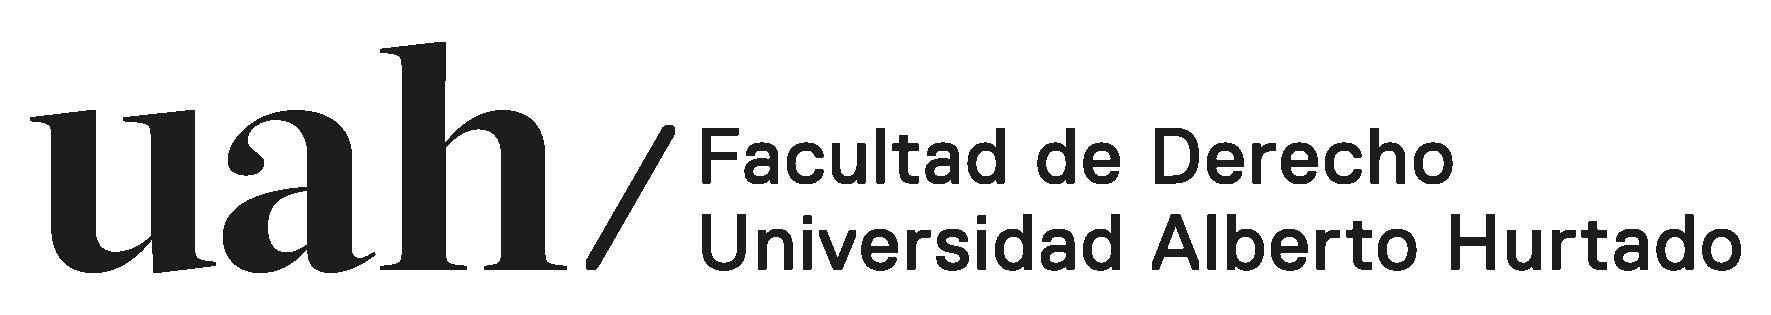 Universidad Alberto Hurtado de Chile